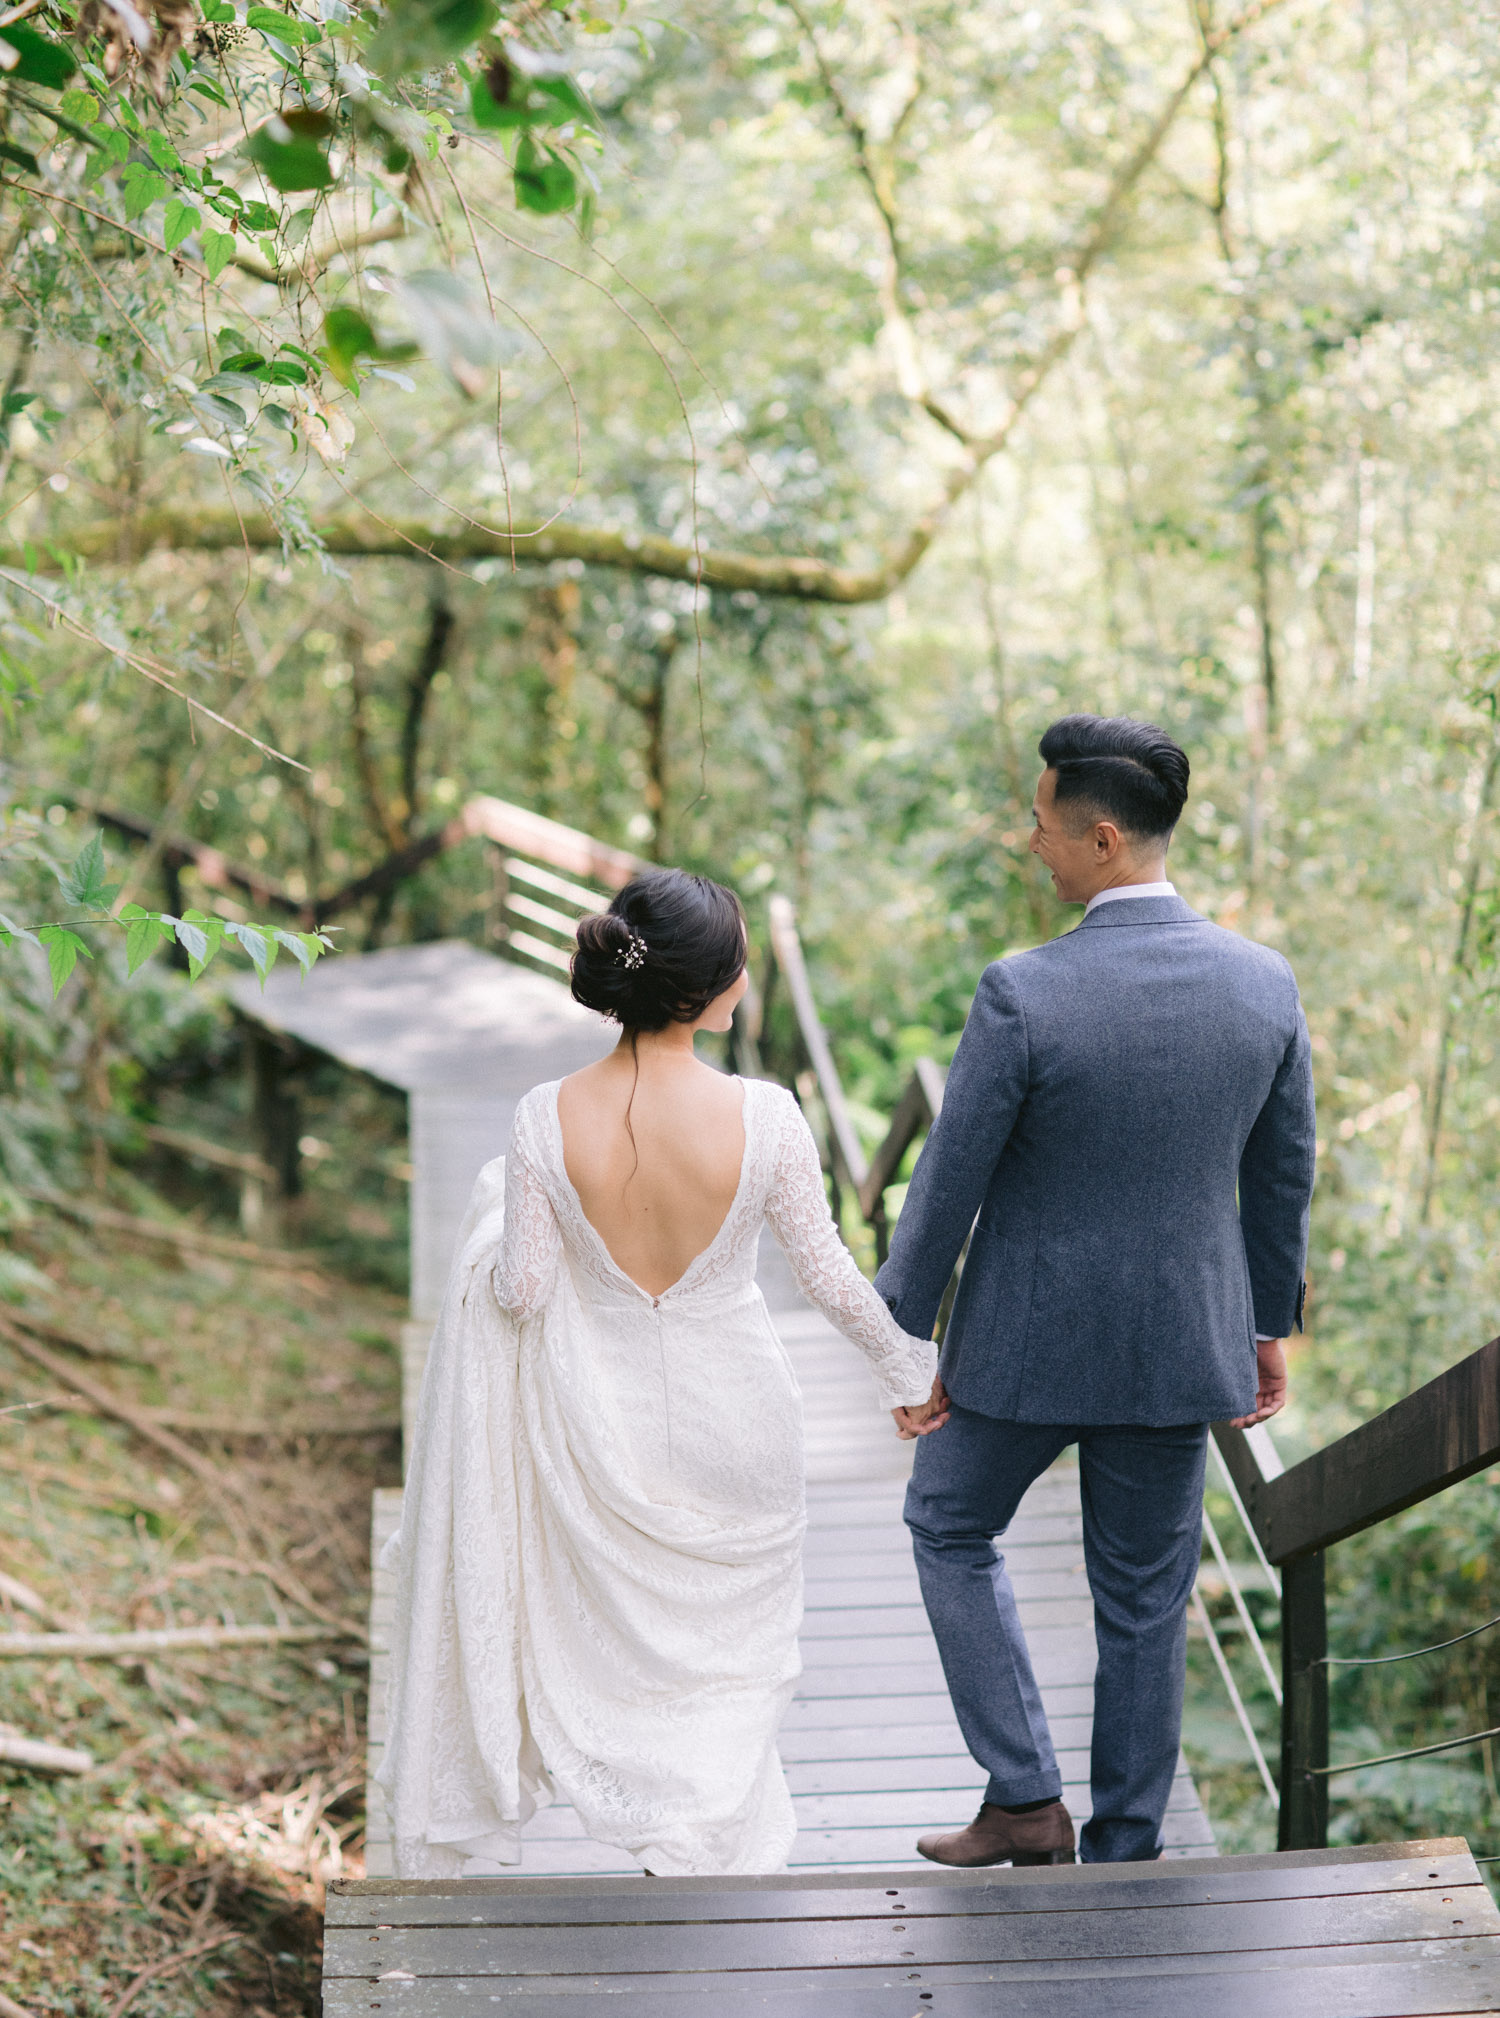 日月潭婚紗-底片婚紗-旅行婚紗